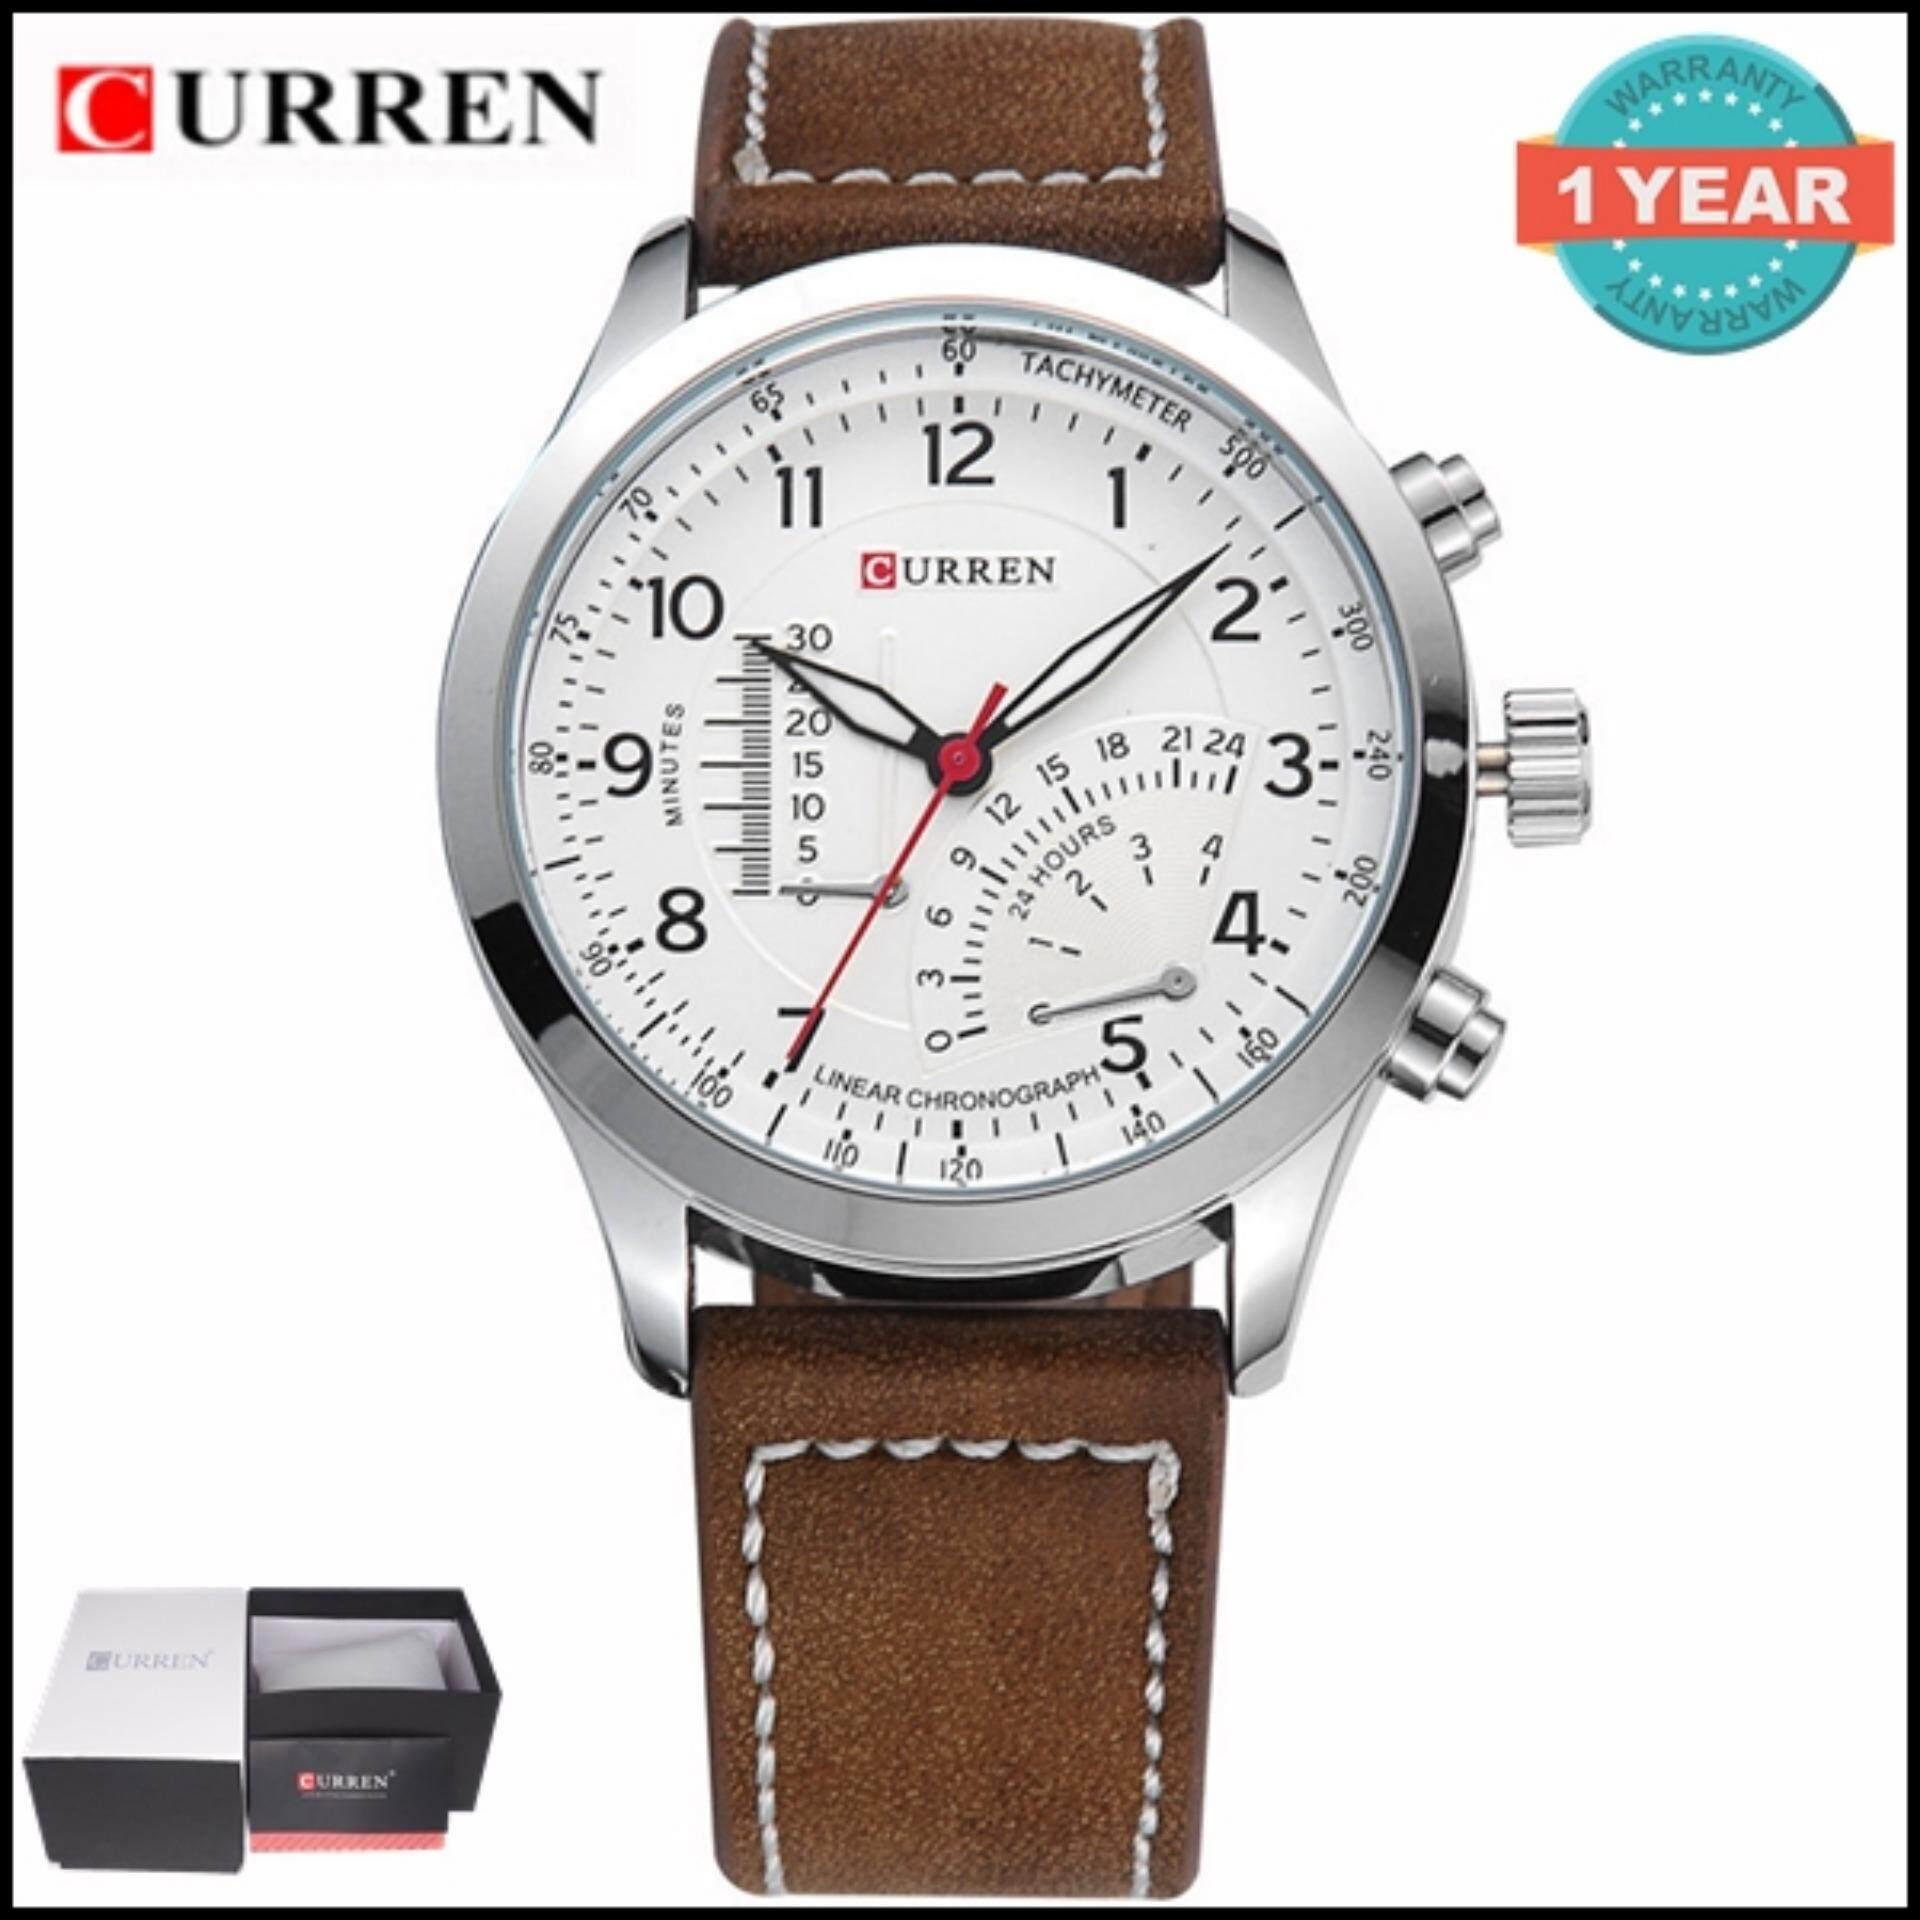 ขาย ซื้อ Curren นาฬิกาข้อมือสุภาพบุรุษ สีน้ำตาล สายหนัง รุ่น C8152